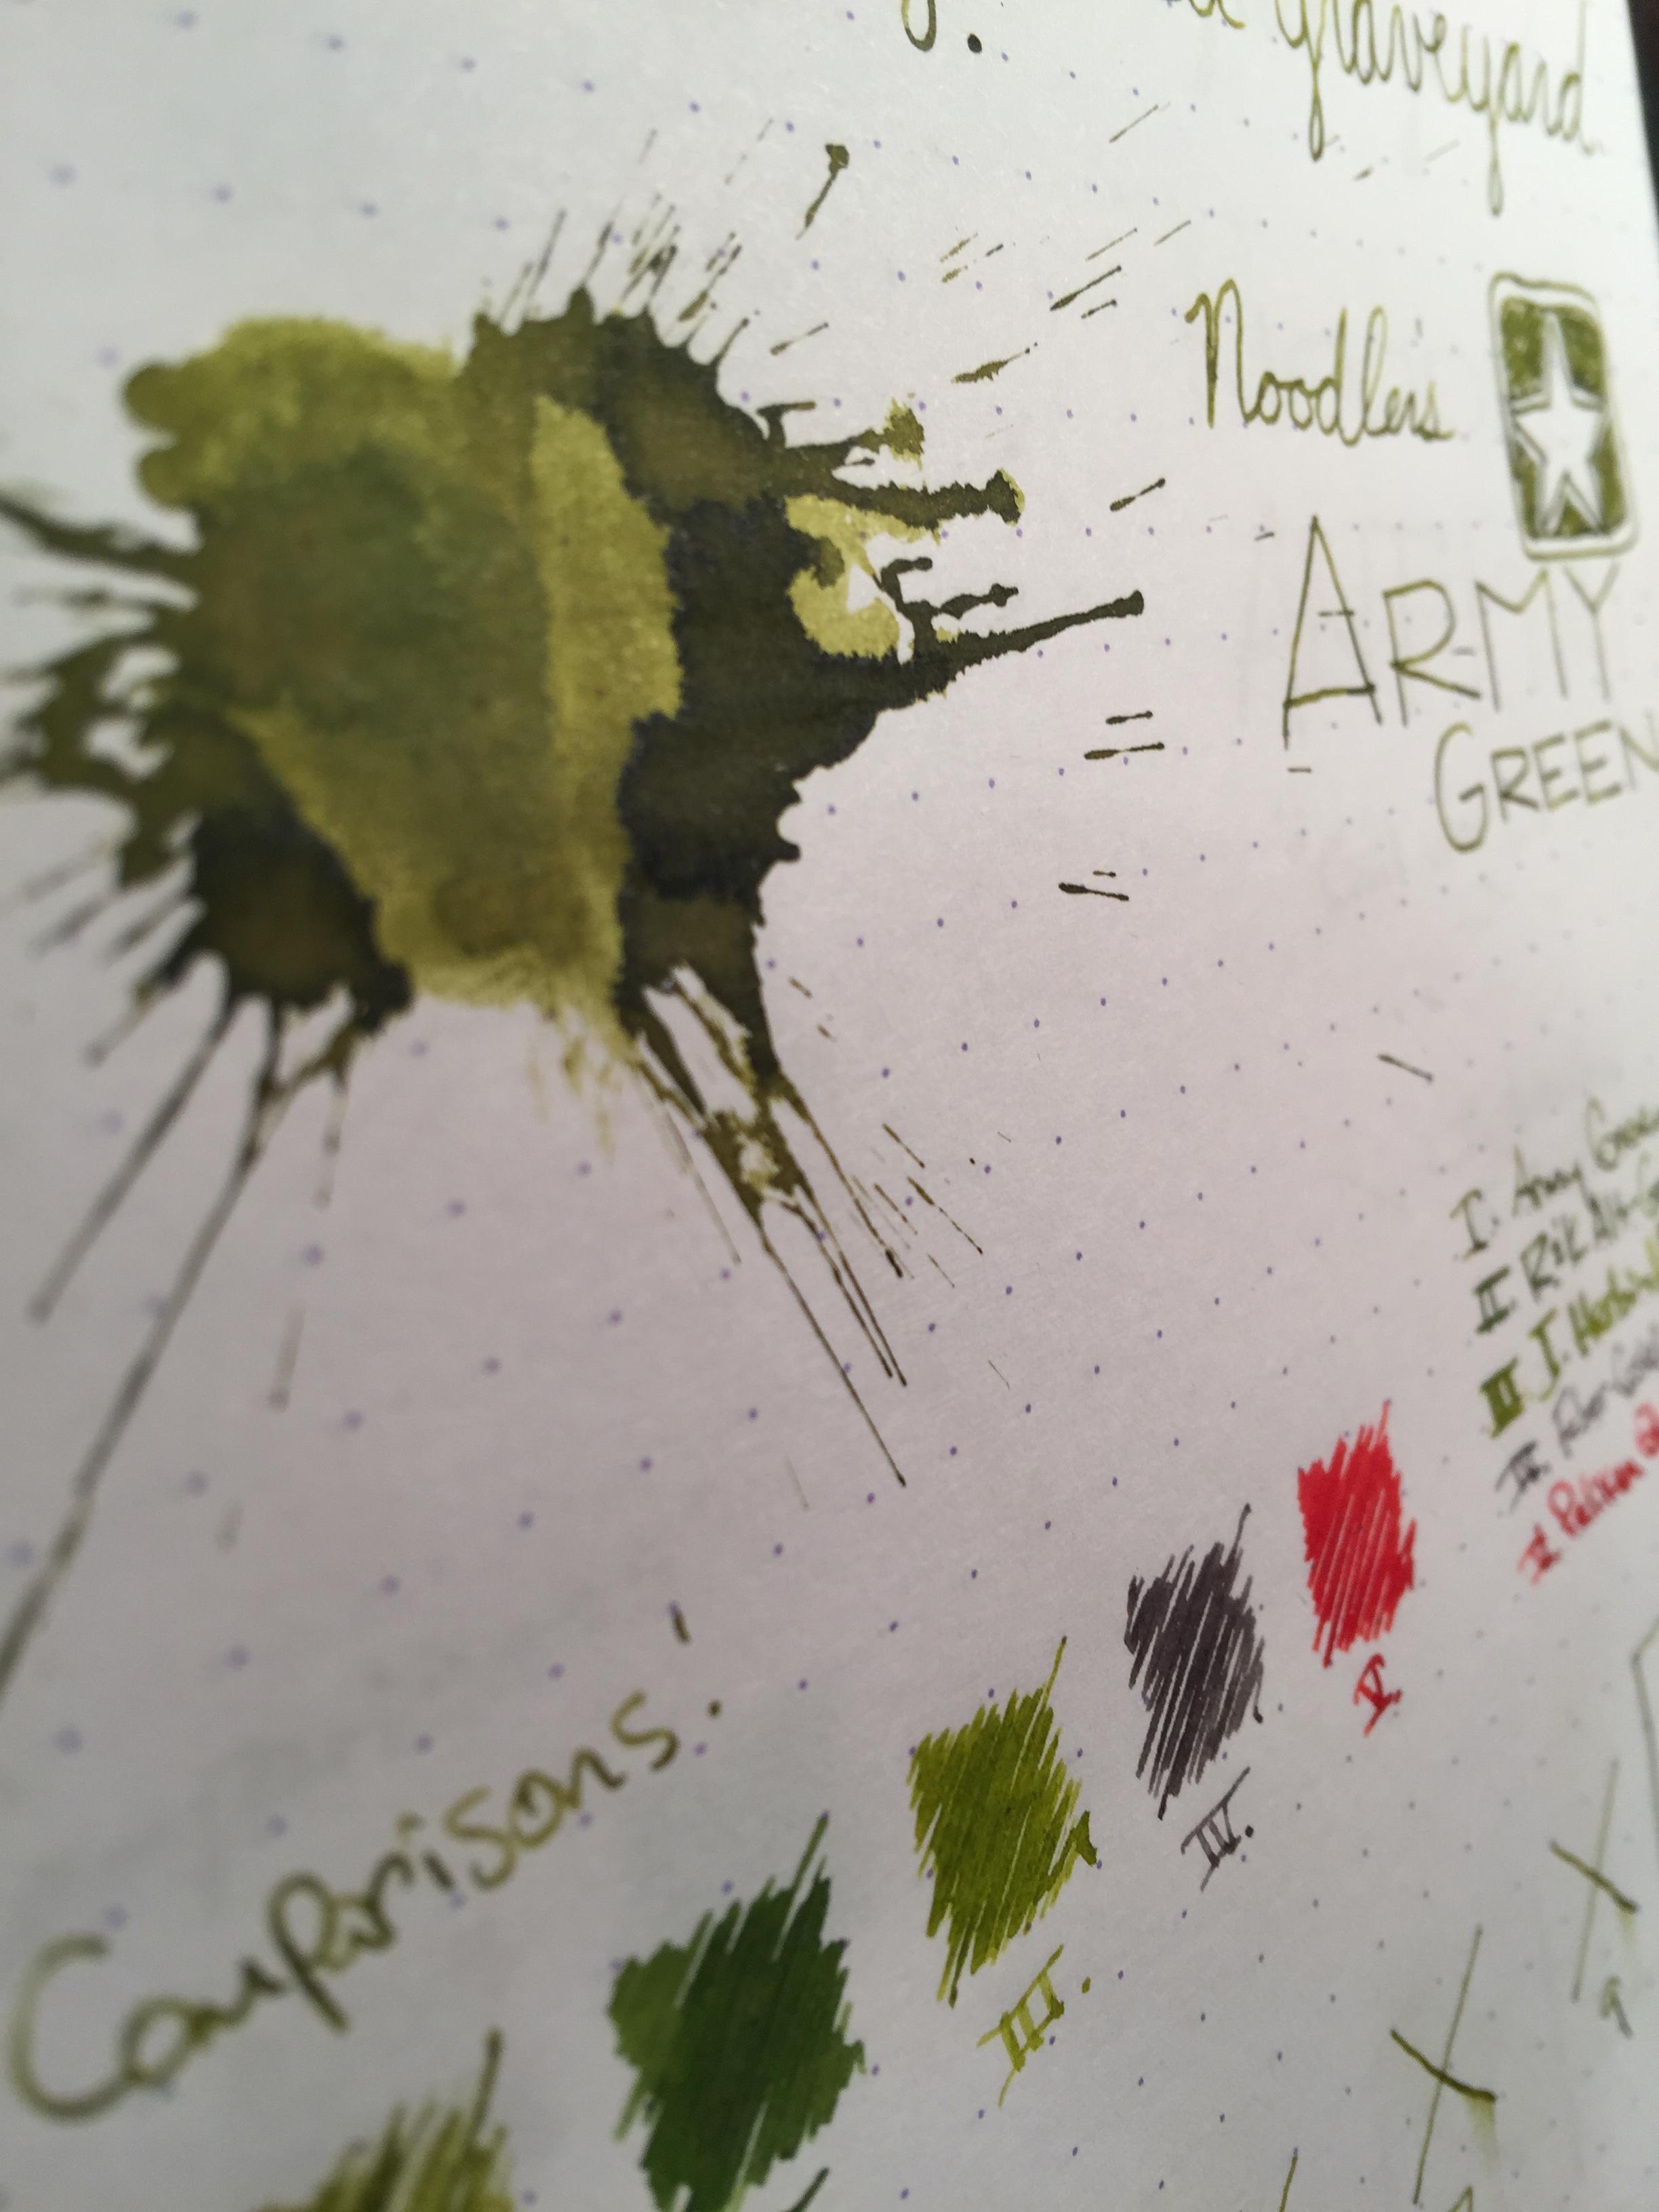 armygreen-header